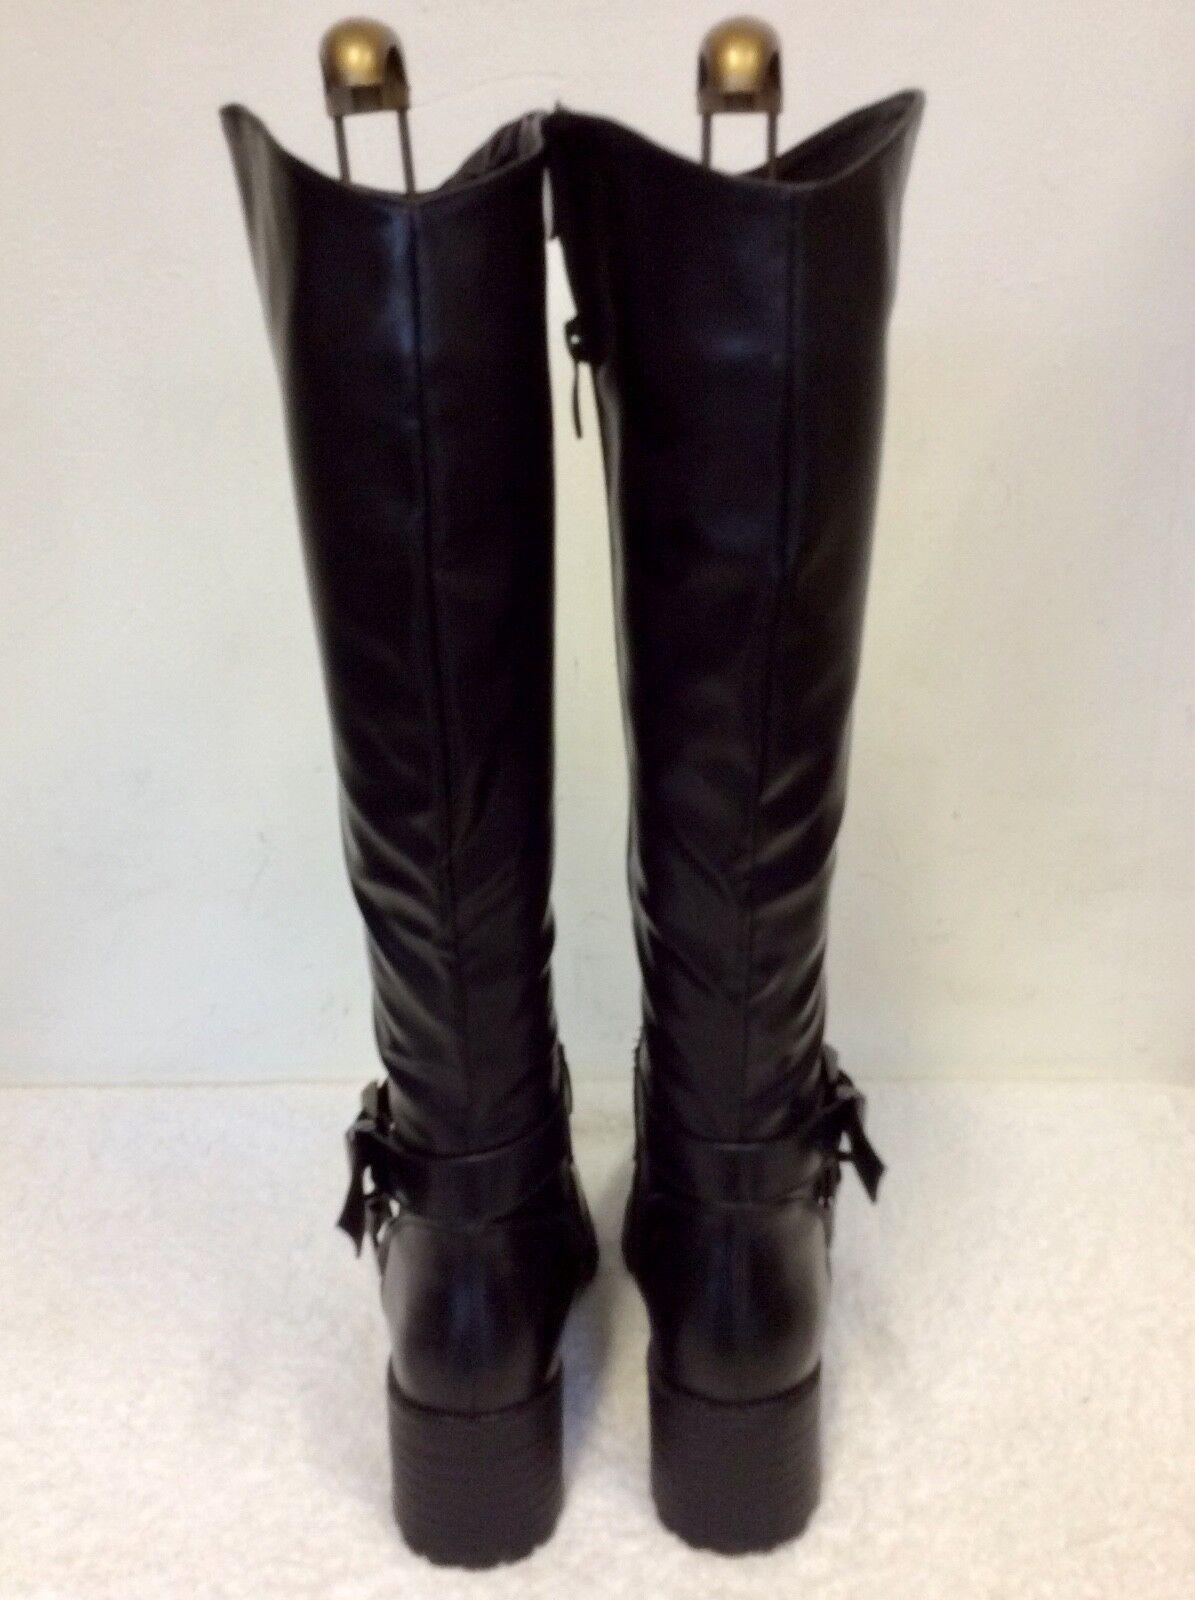 BRAND NEW NEW NEW IDEAL schuhe schwarz STUDDED BUCKLE TRIM KNEE LENGTH Stiefel Größe 5 38 0702b2